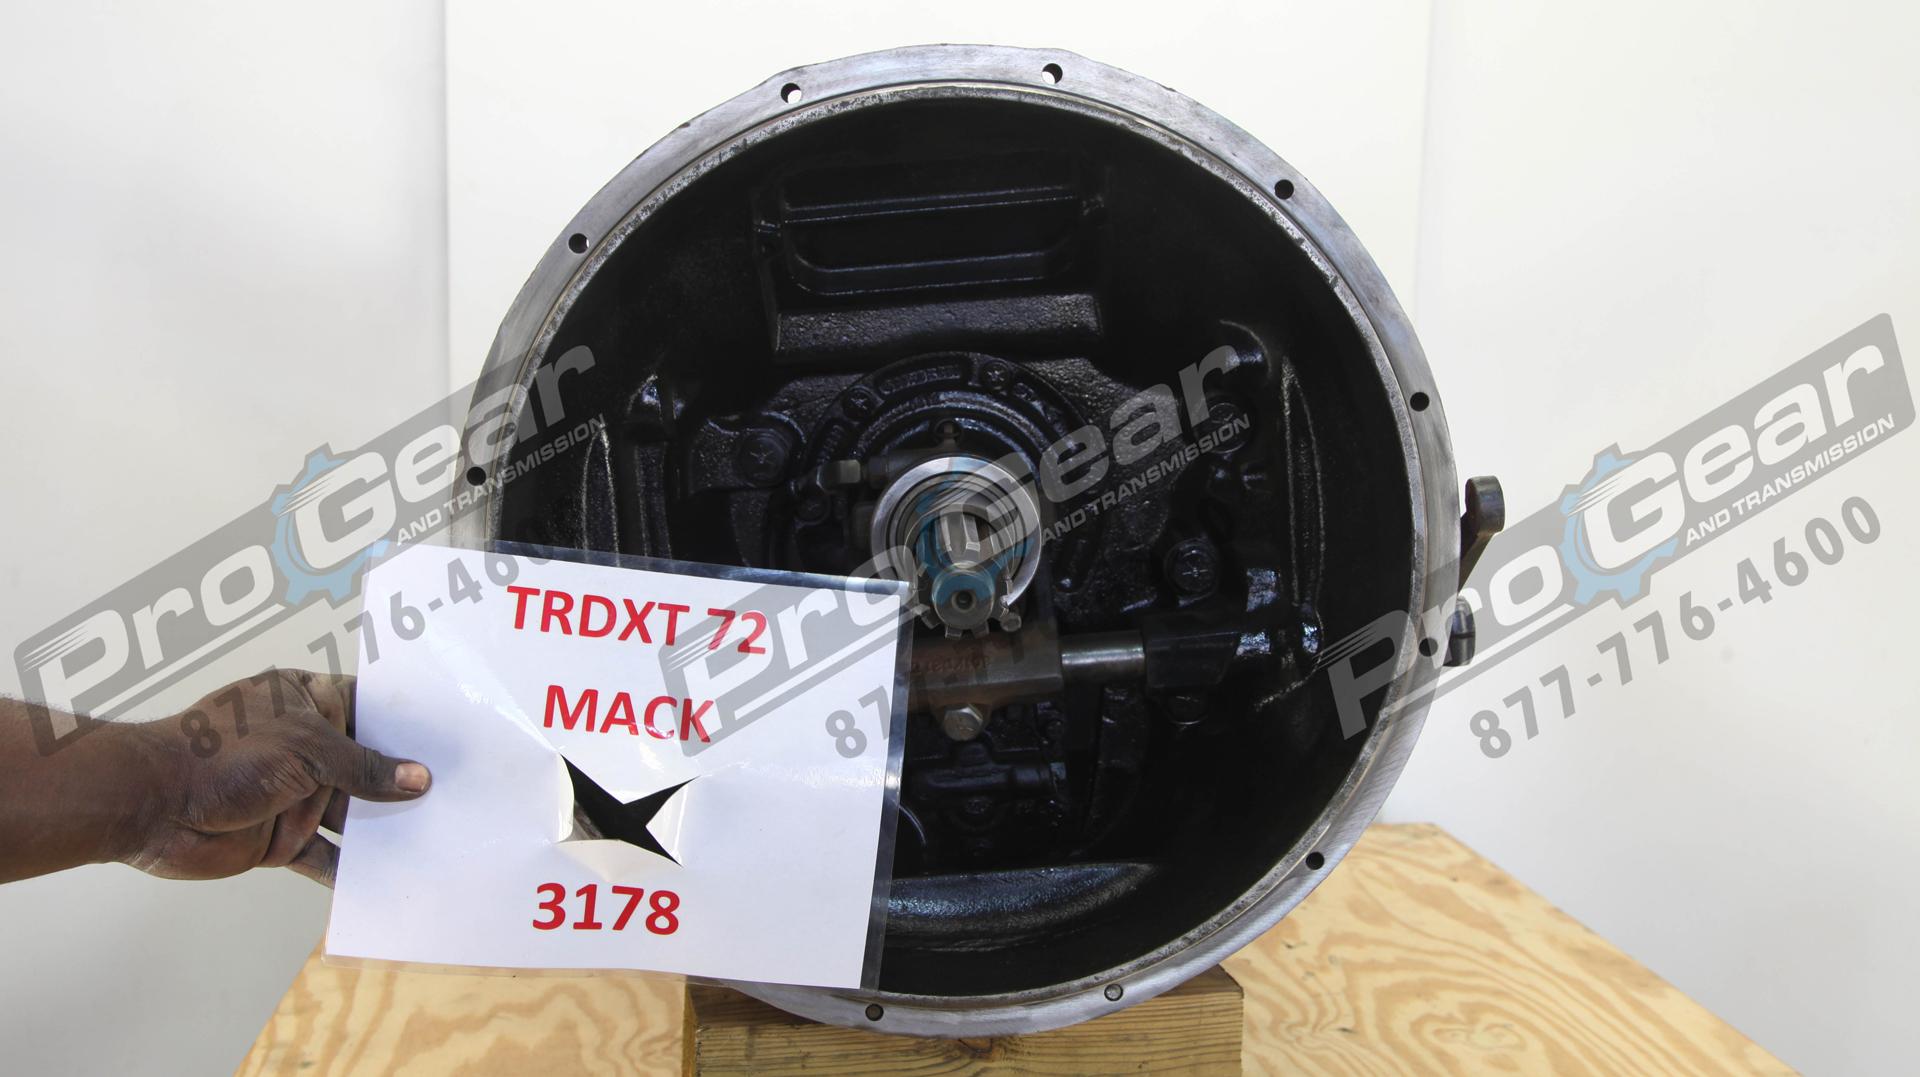 Mack TRDXT 72 Transmission